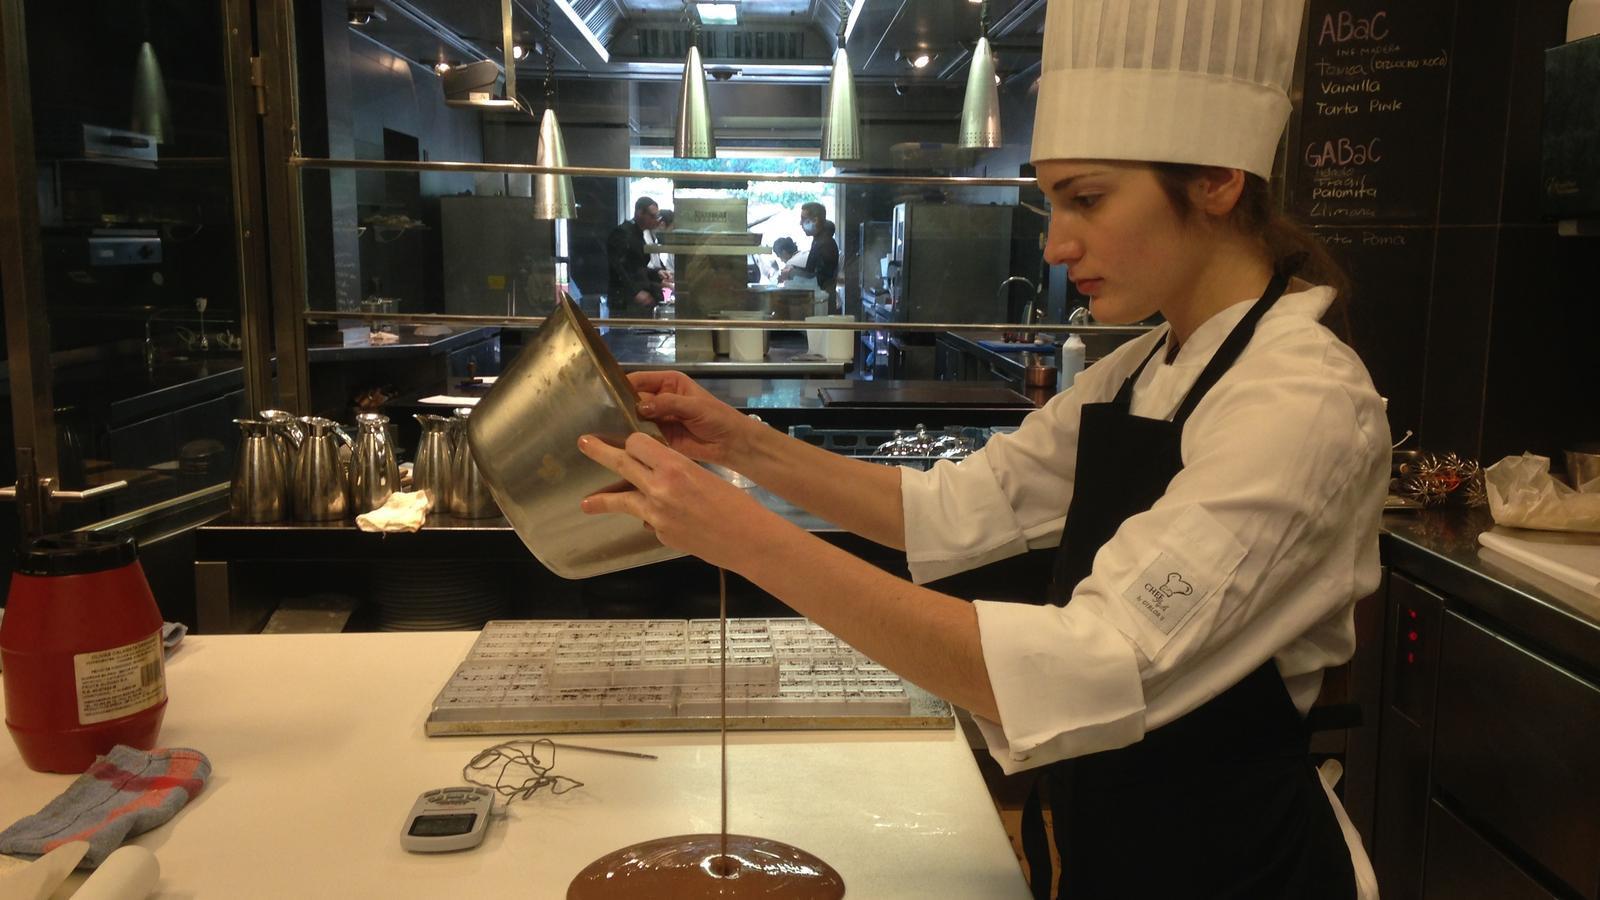 Carla Peyrón en el moment d'atemperar la xocolata